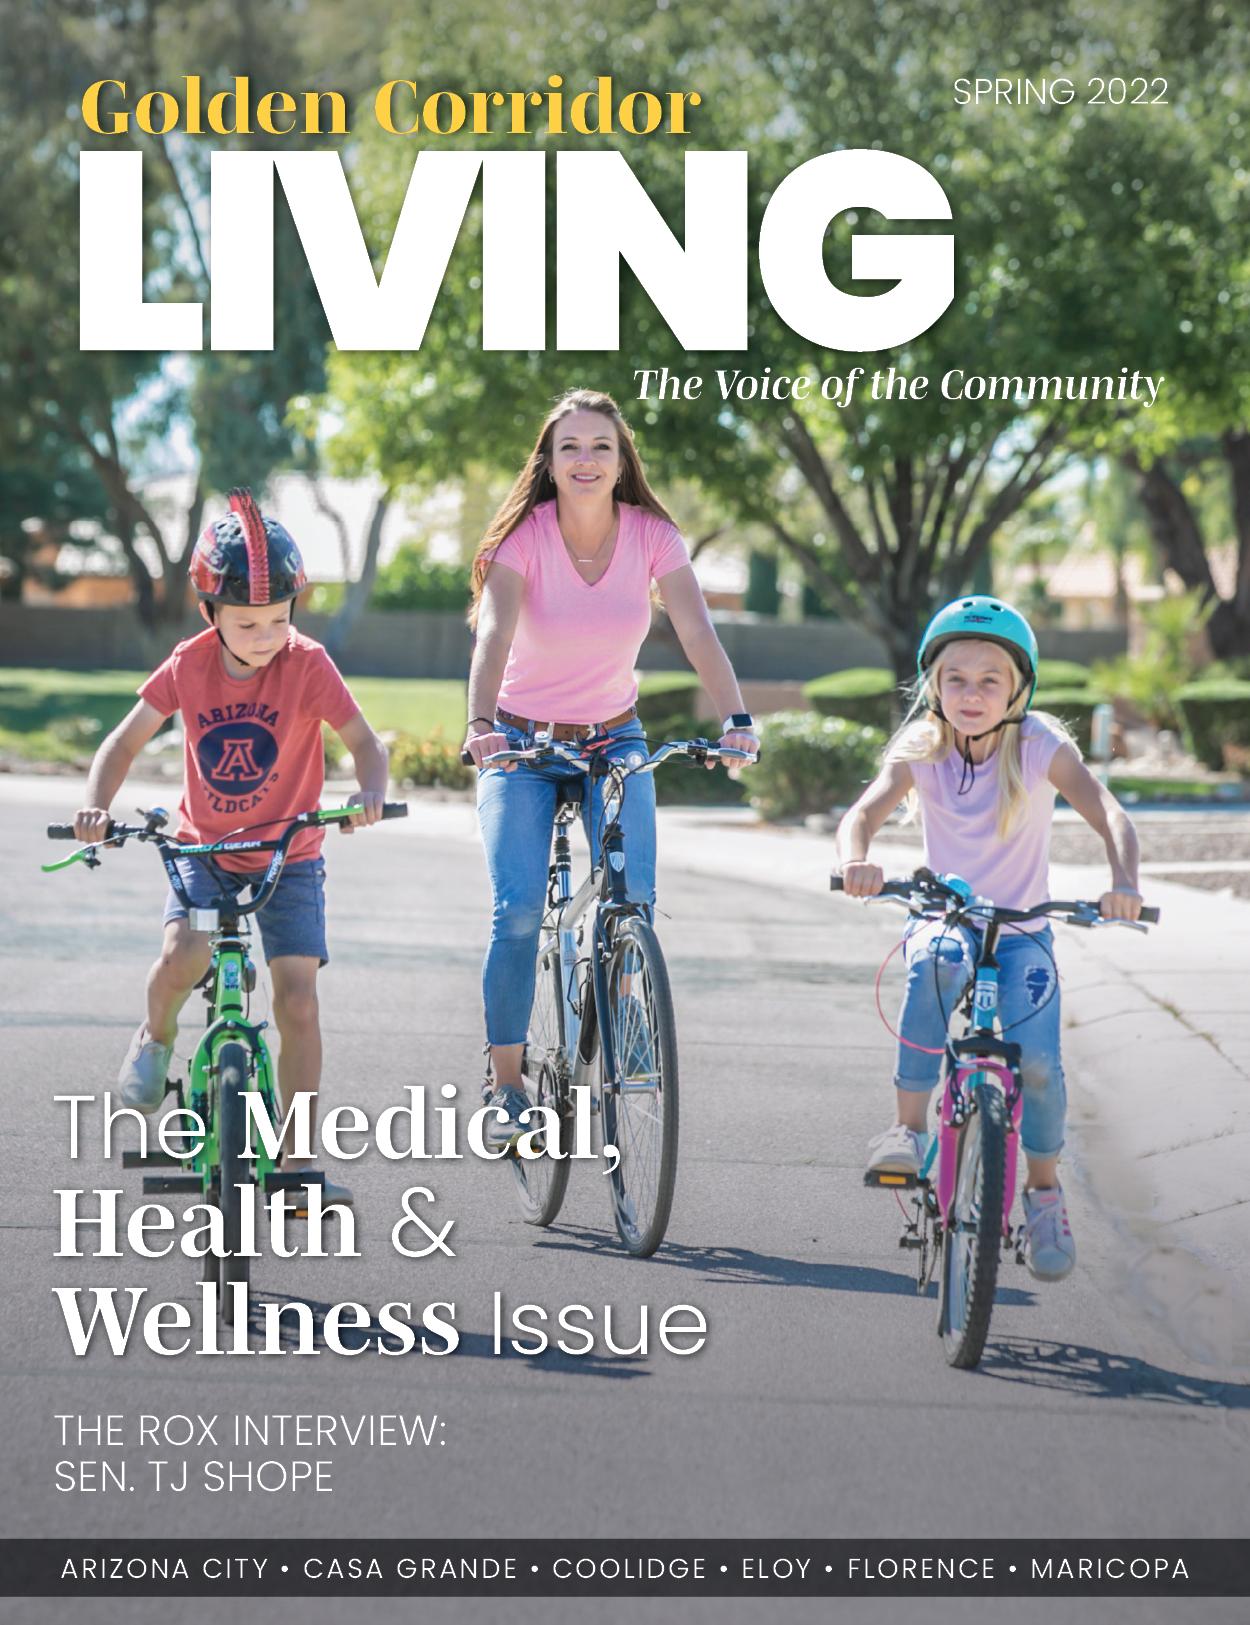 Golden Corrifor LIVING Magazine